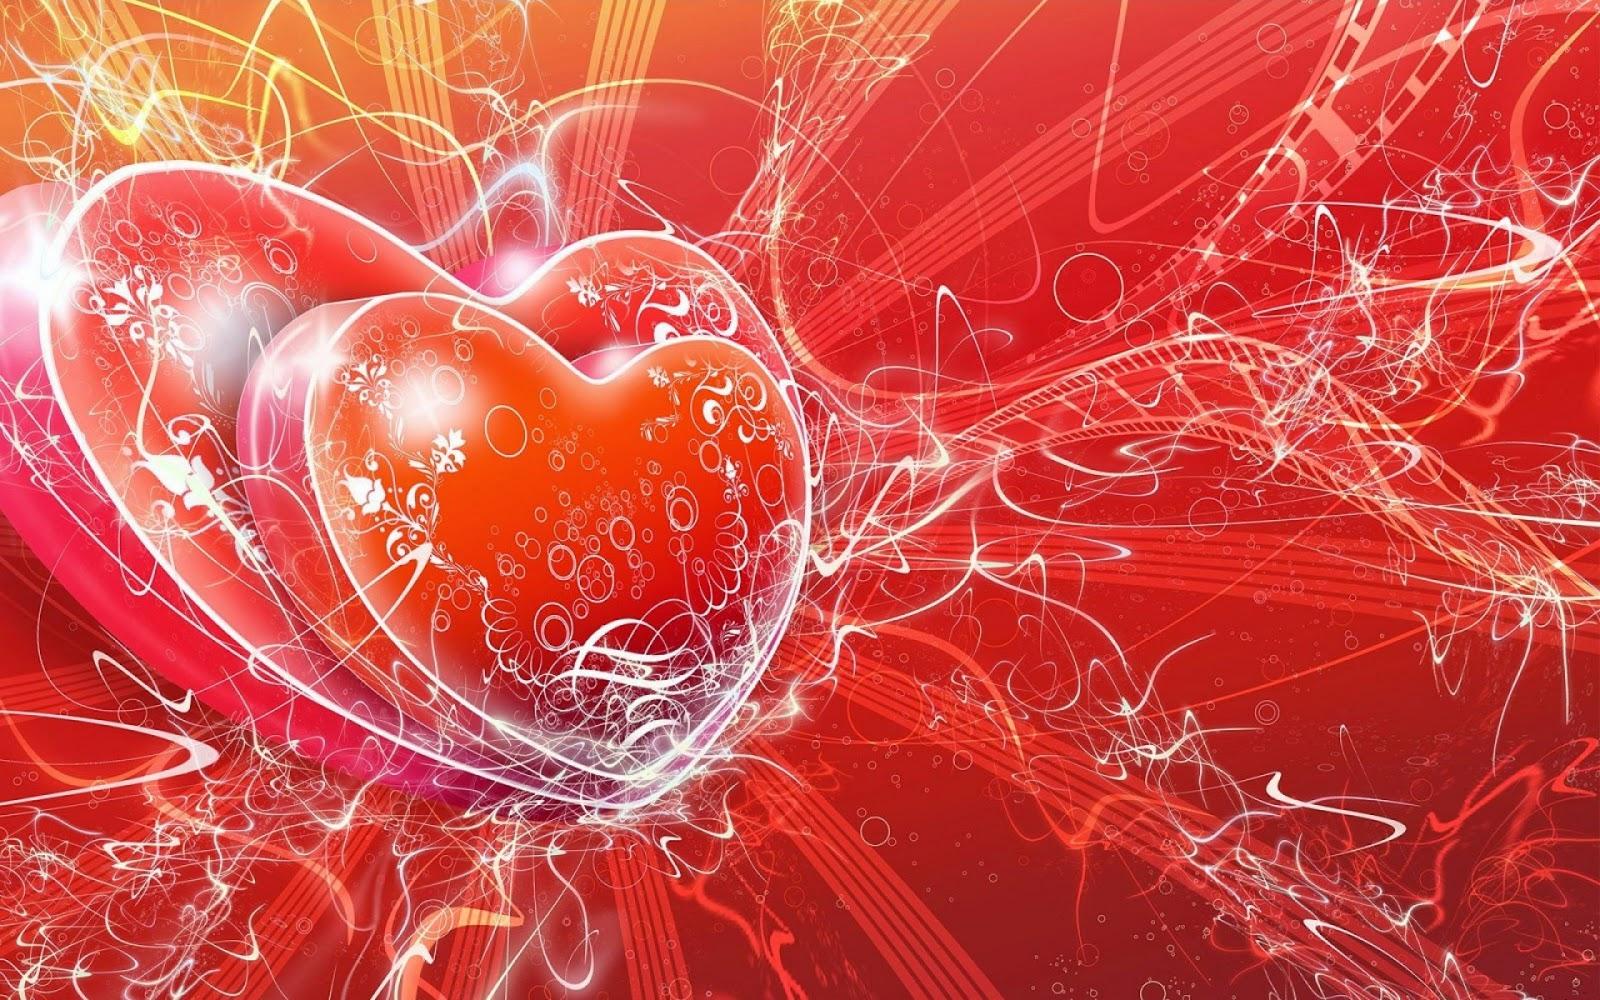 Romantic love heart designs hd cover wallpaper pixhome for Heartbeat design